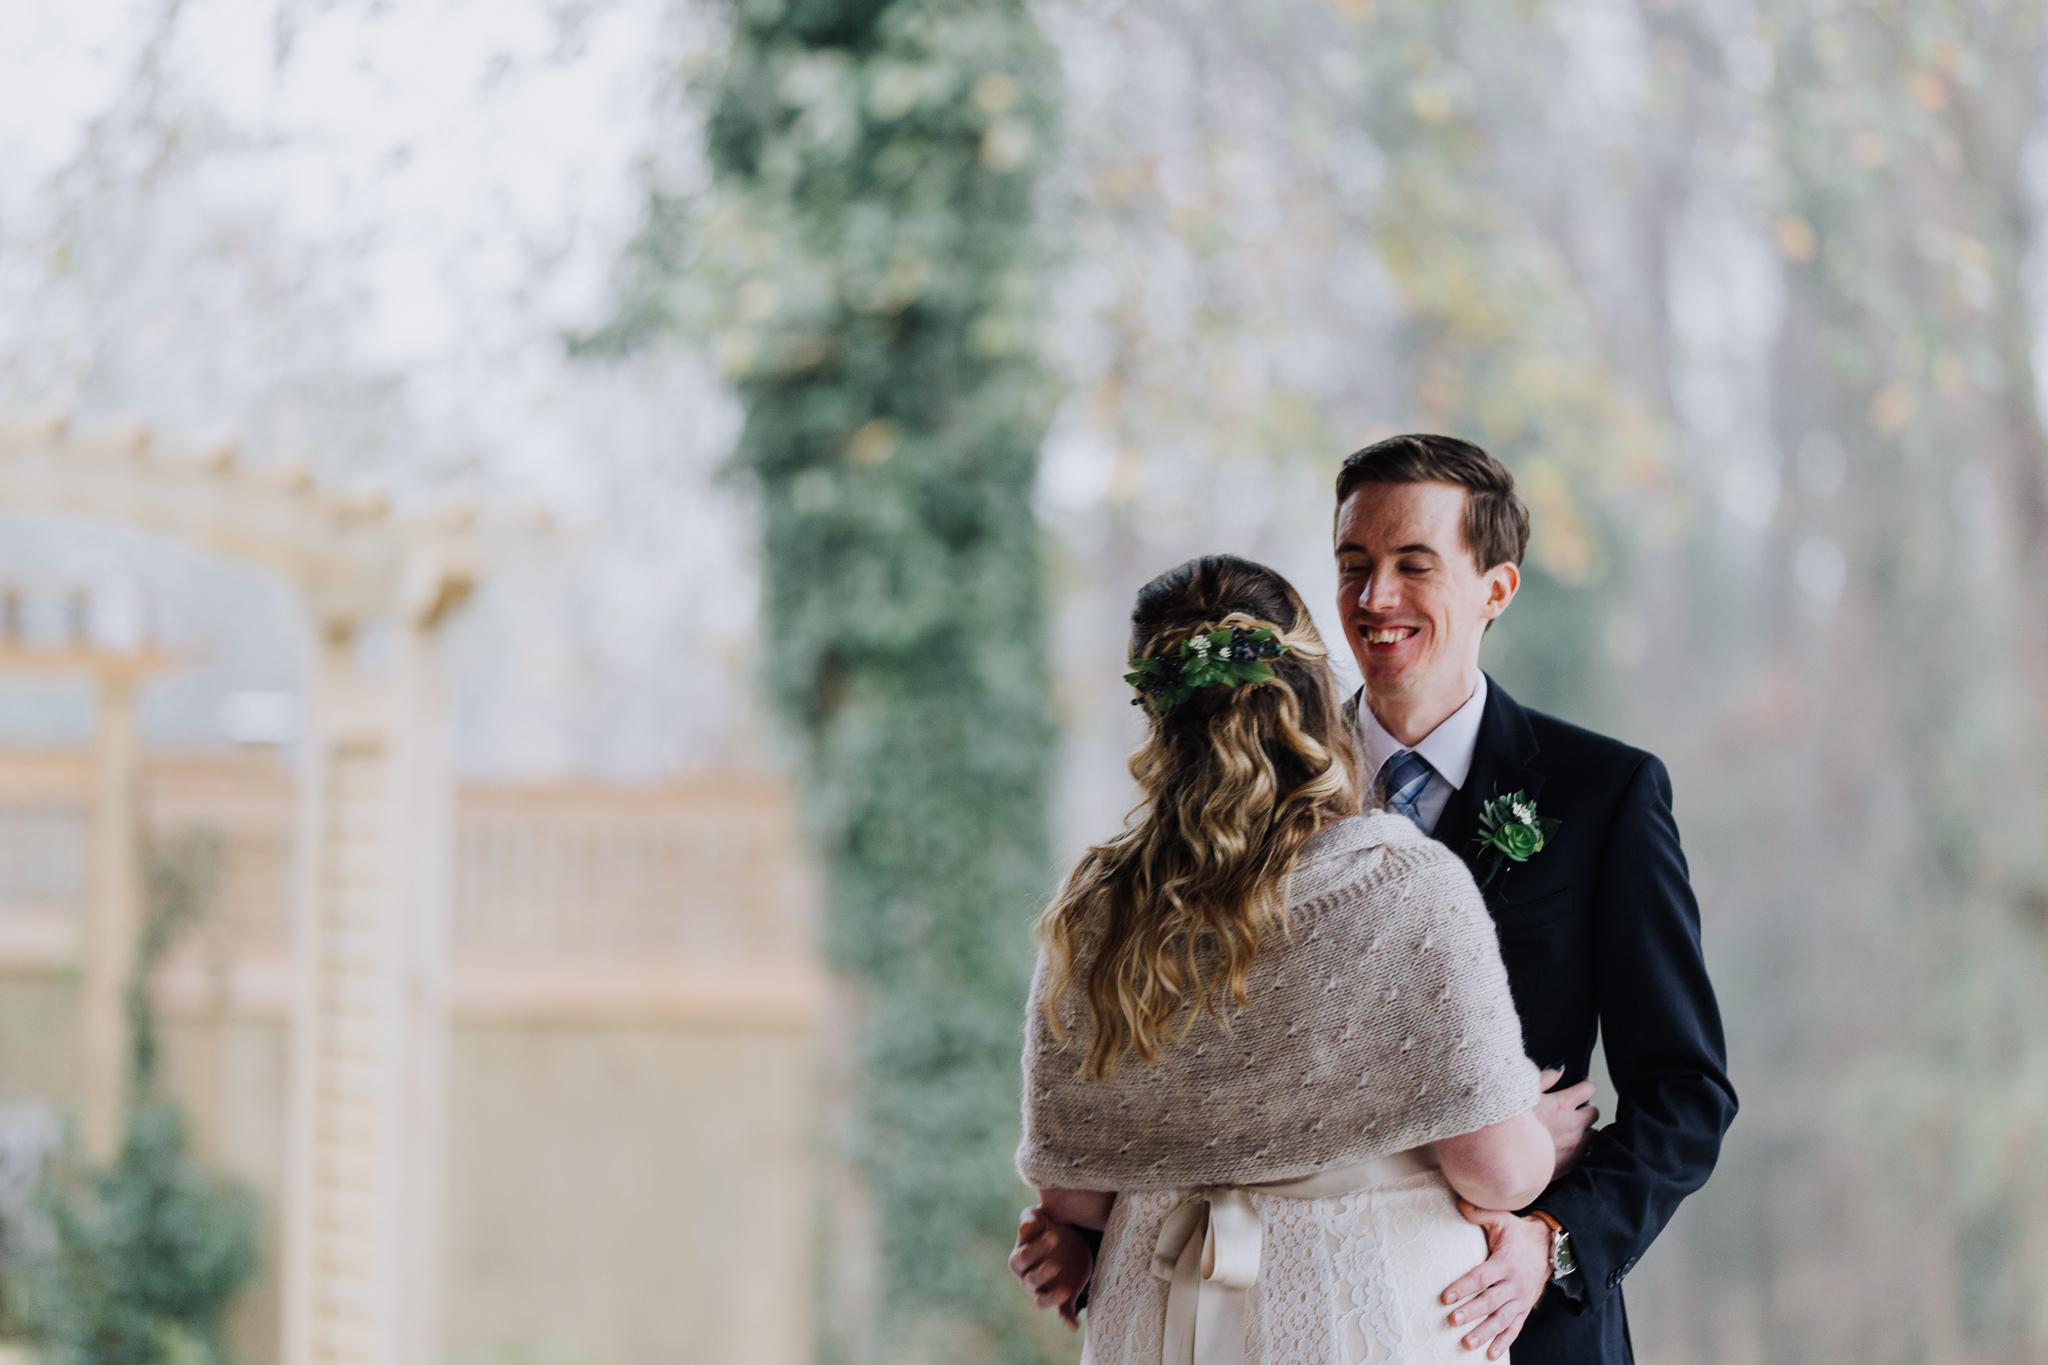 columbia-sc-wedding-photographer-winter-senates-end-downtown-20